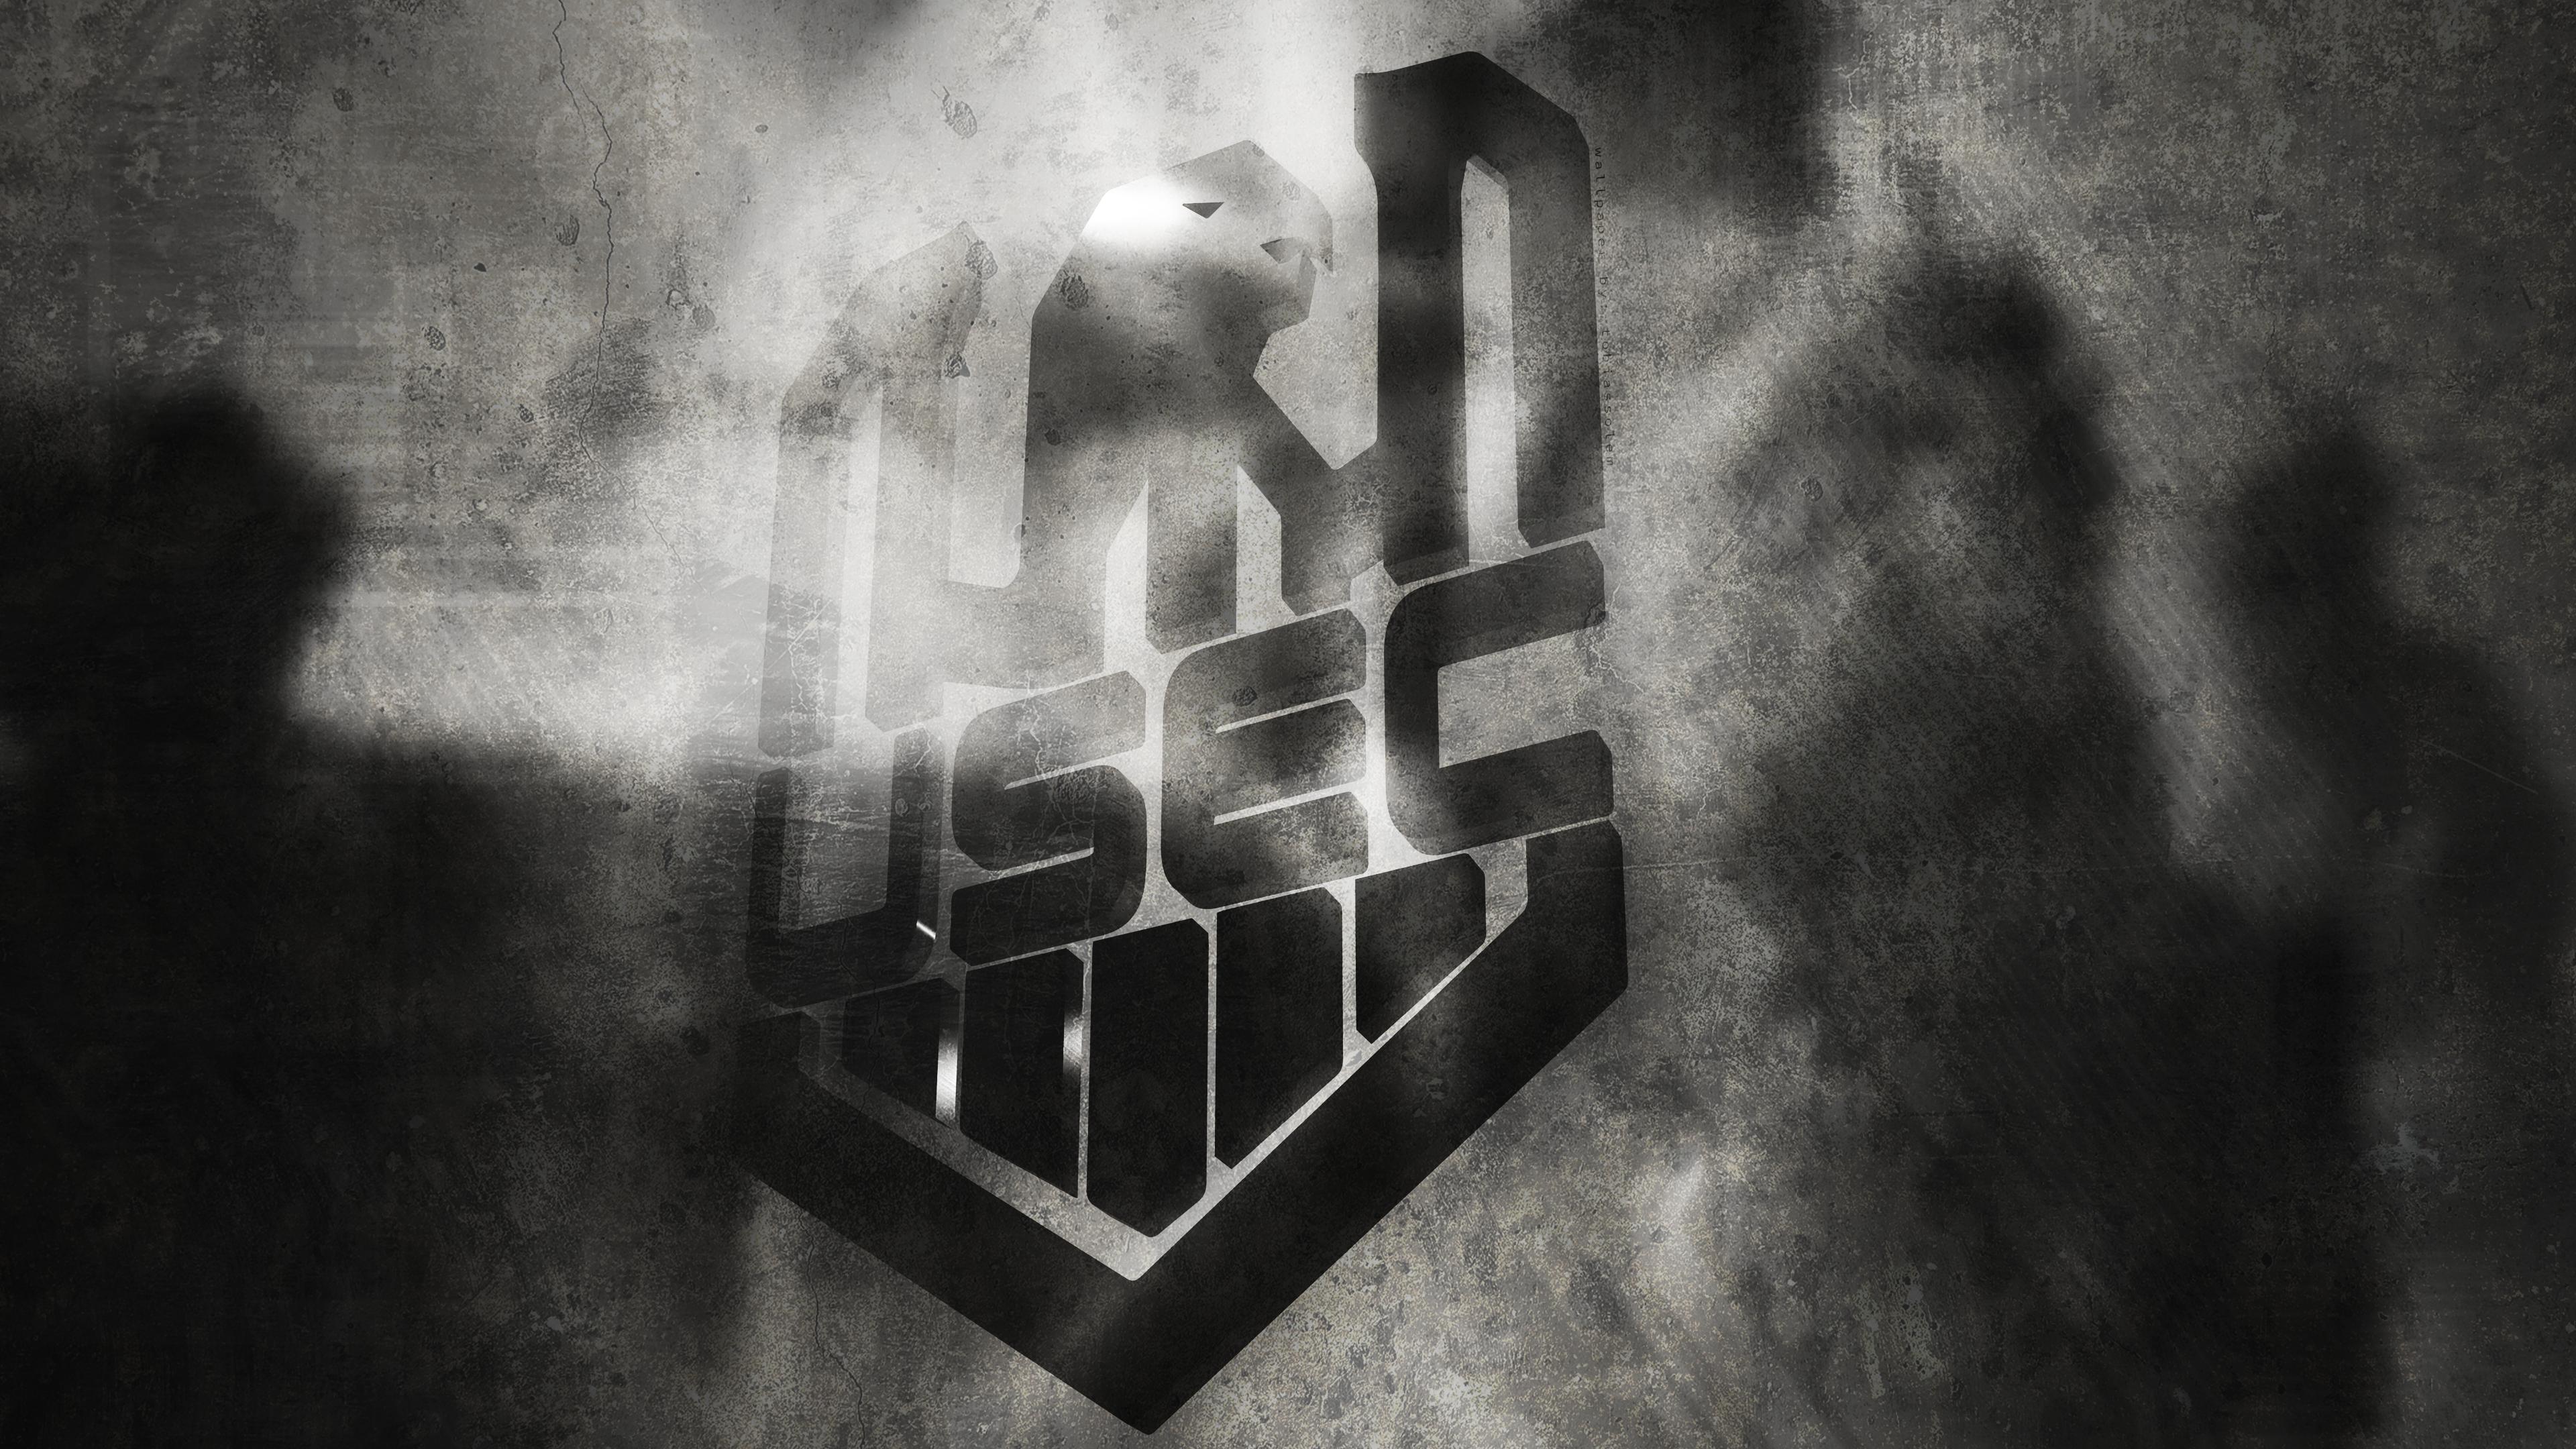 Usec Escape From Tarkov Wallpaper By Fisk On Deviantart